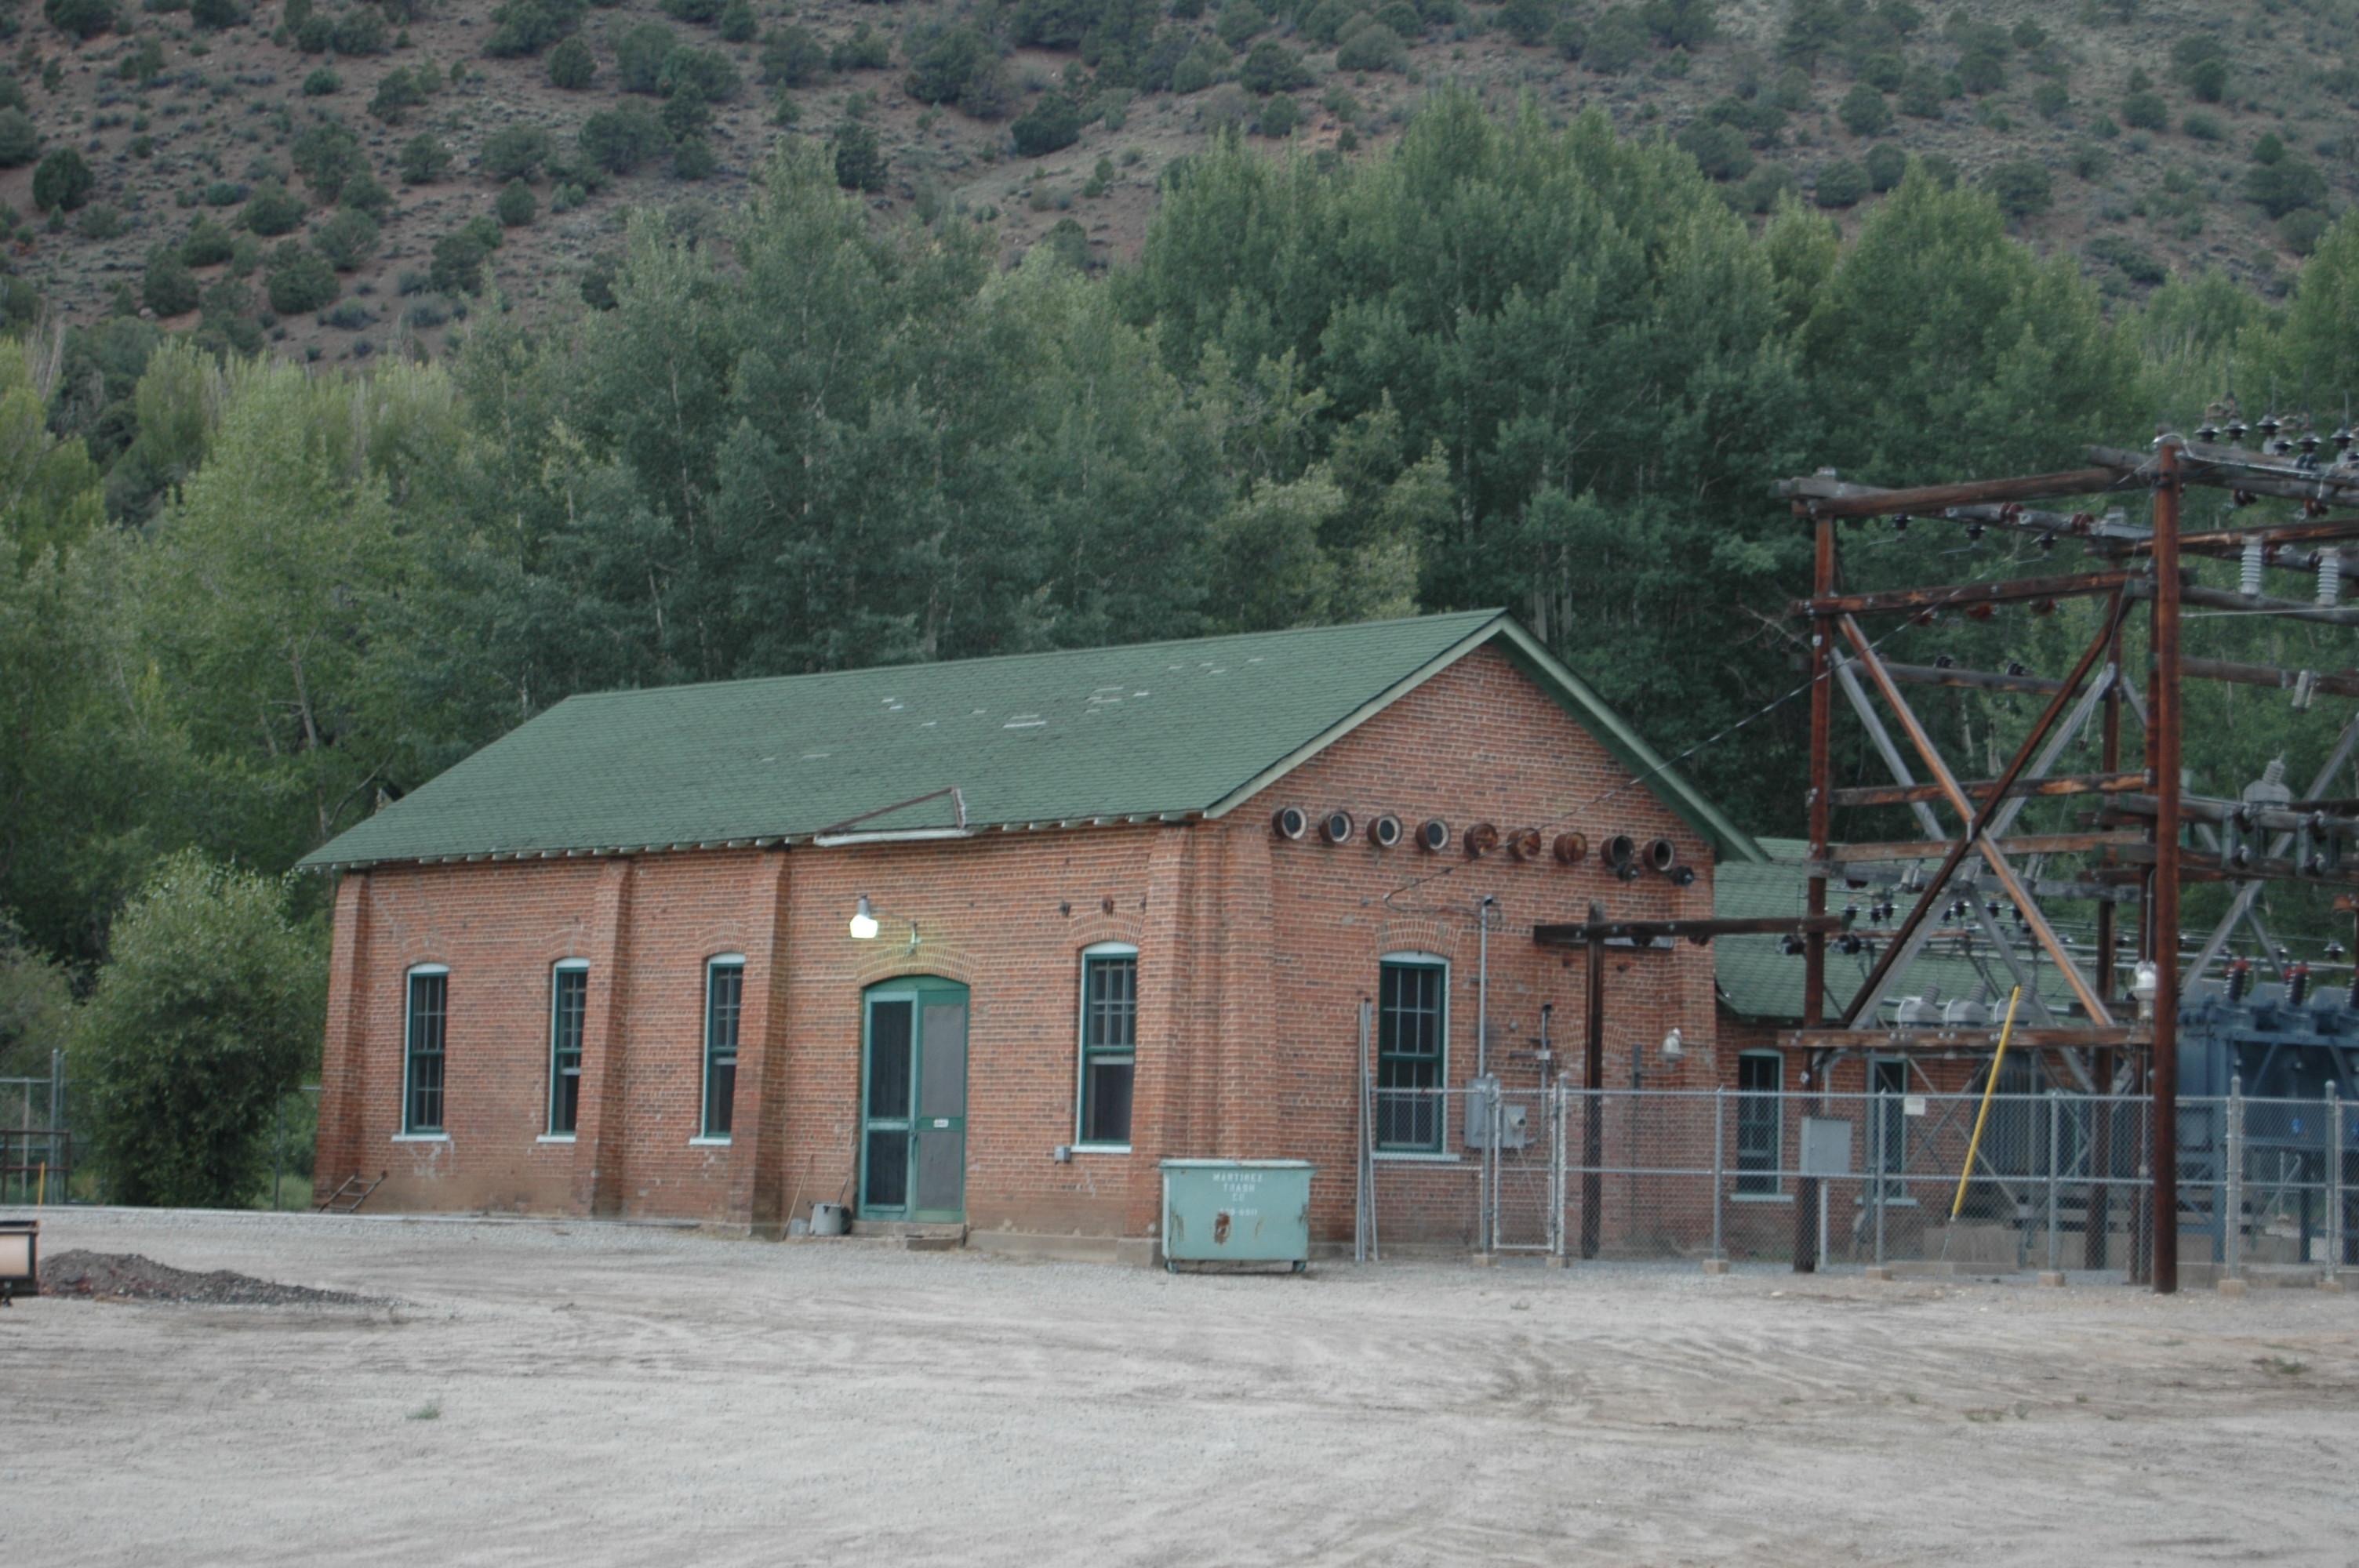 Salida Generating Station Xcel Energy